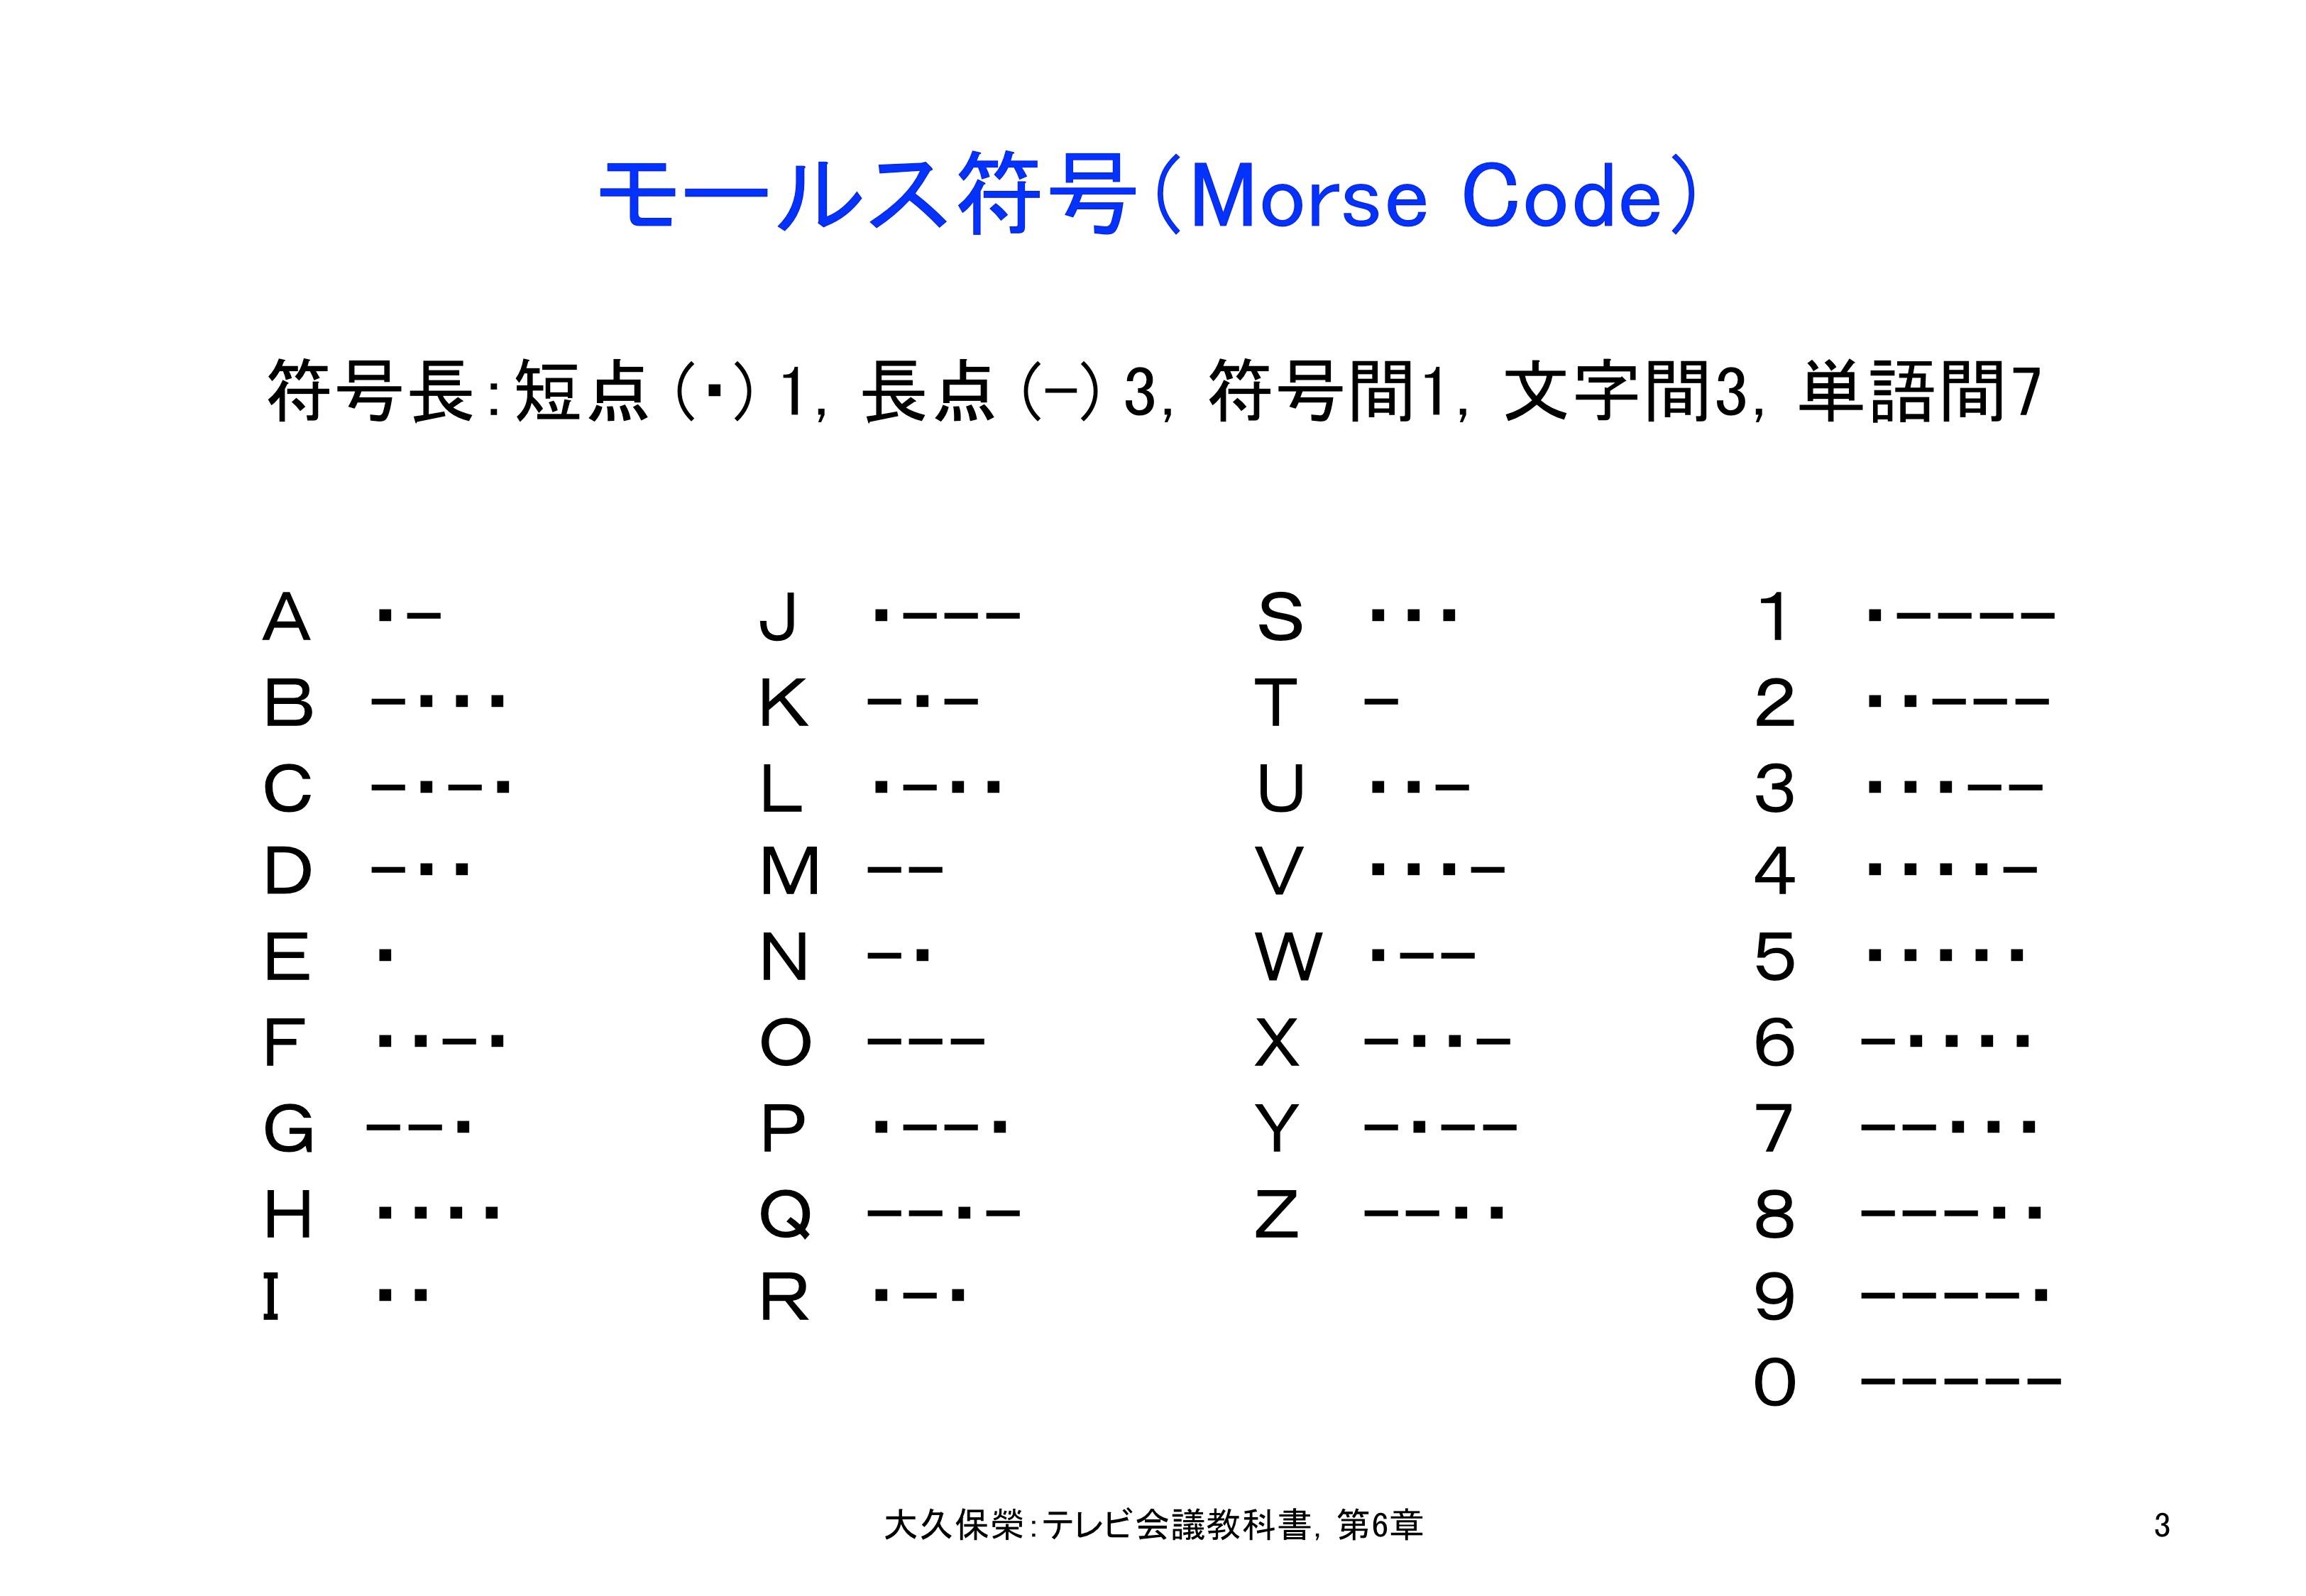 モールス 信号 英語 モールス符号 - Wikipedia